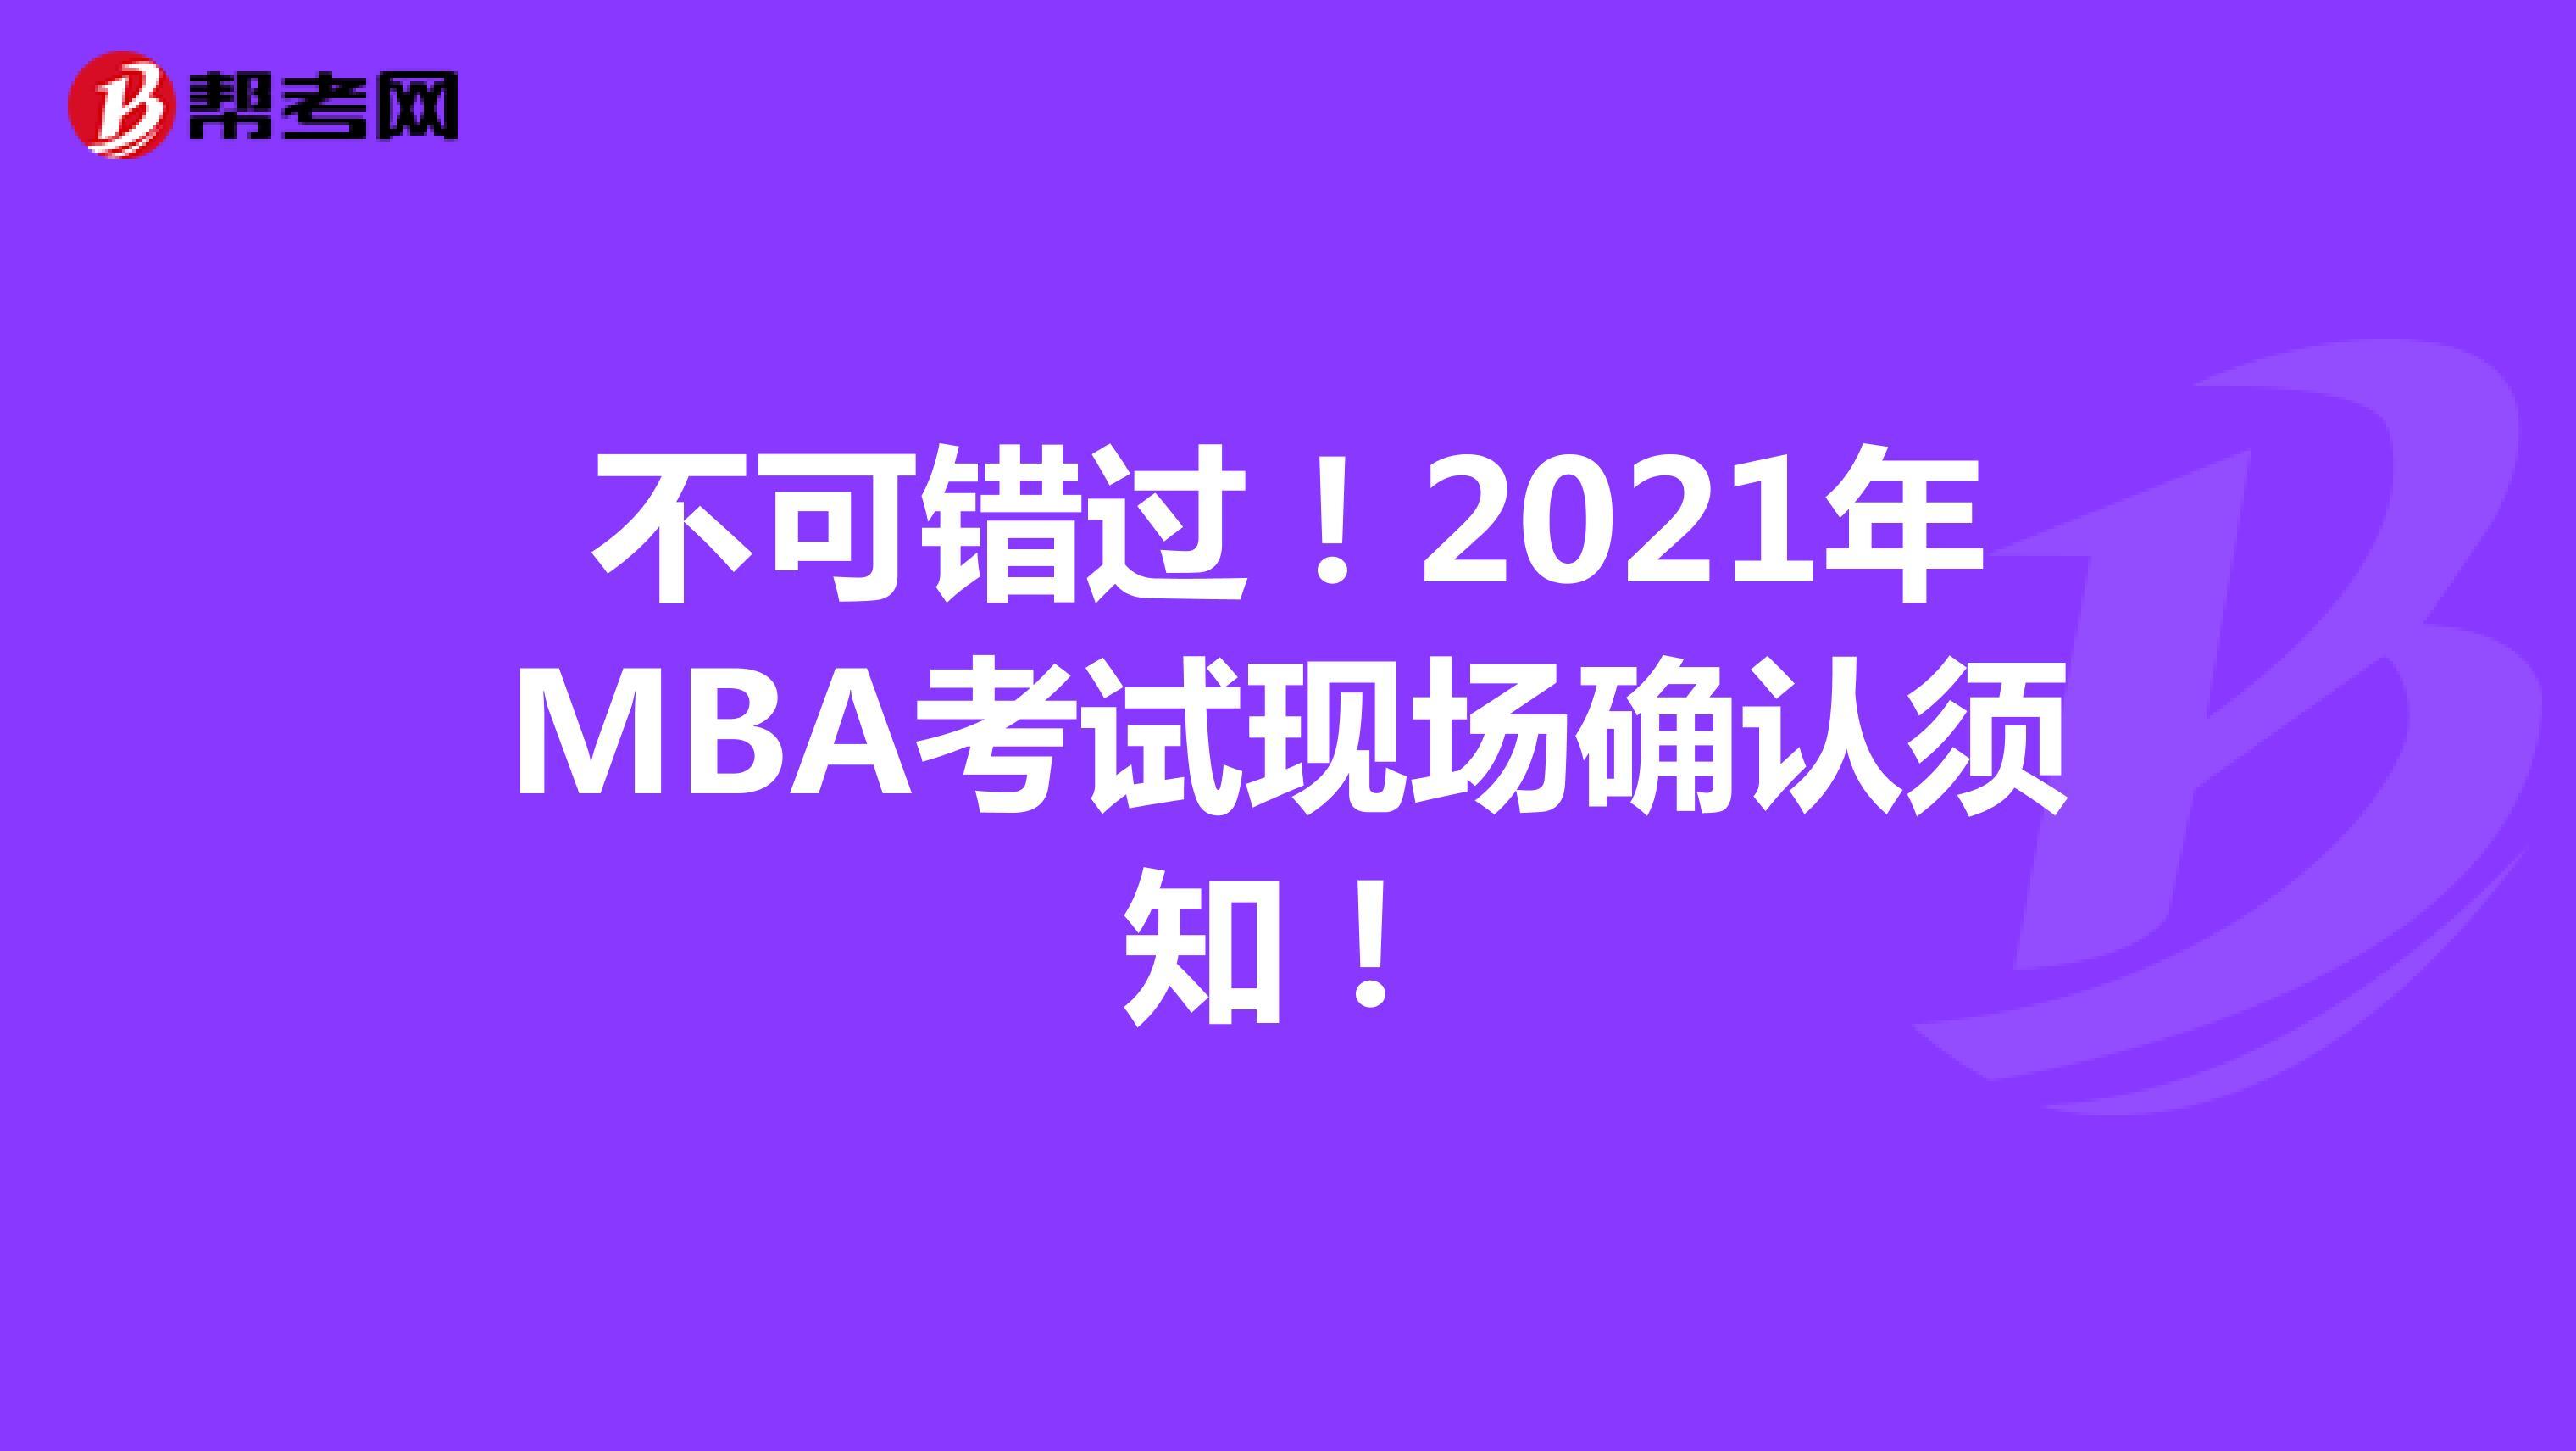 不可錯過!2021年MBA考試現場確認須知!